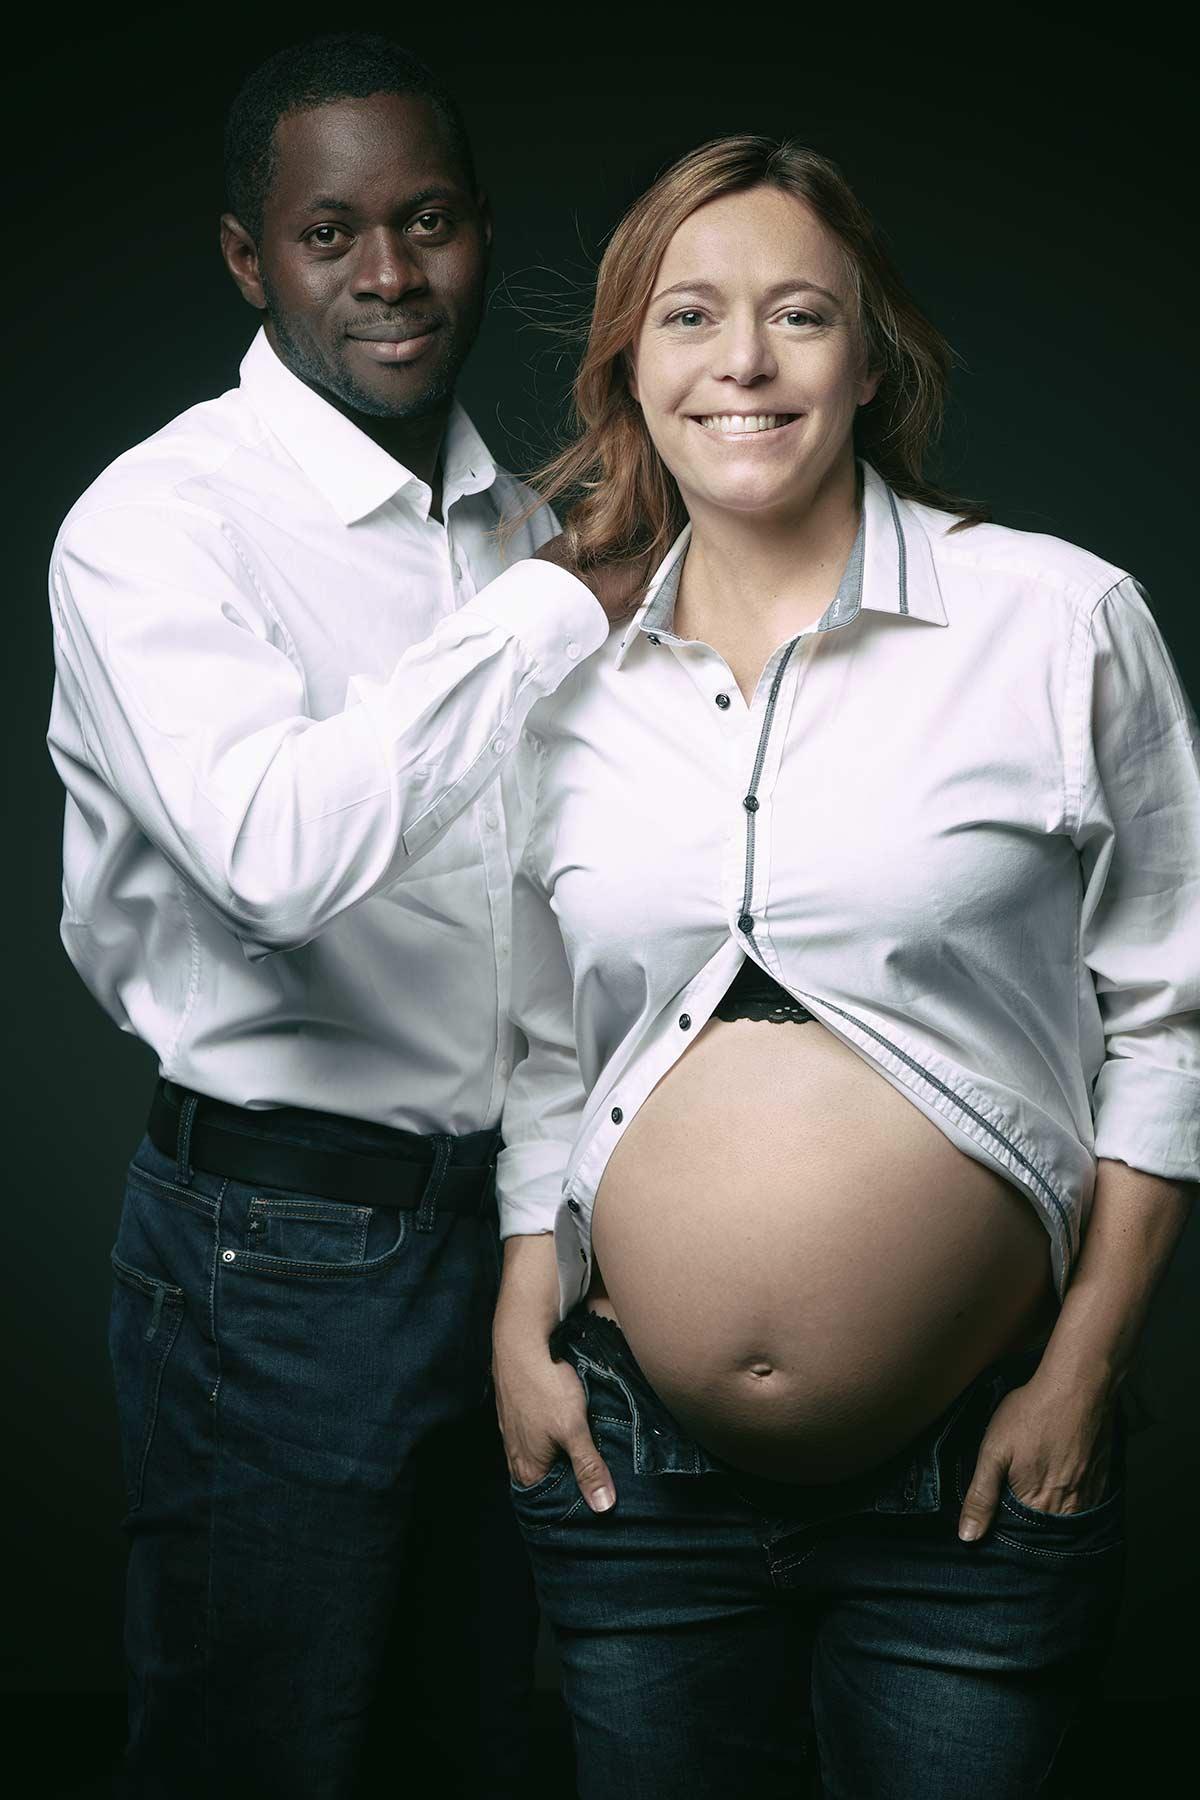 Dunkelhäutiger, werdender Vater und seine schwangere  Frau mit Babybauch haben weiße Hemden an und blicken direkt in die Kamera